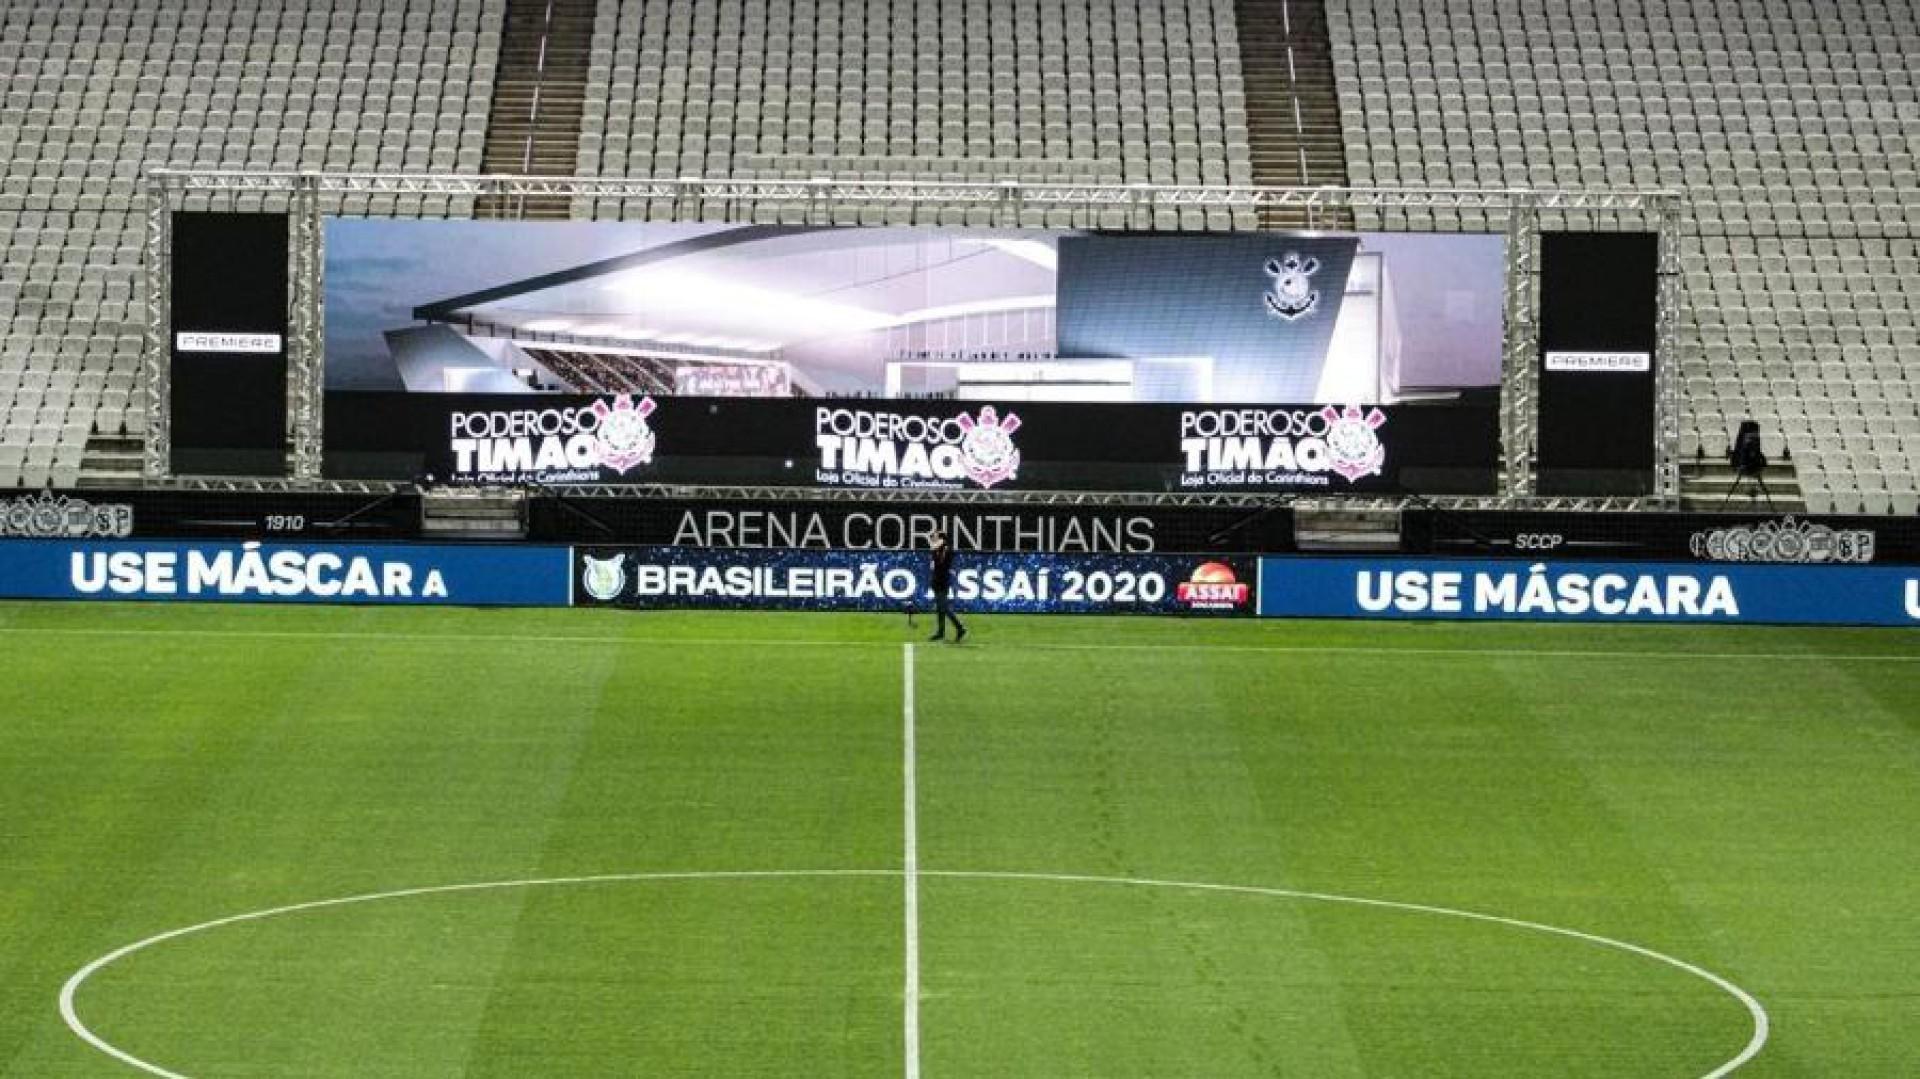 Corinthians X Palmeiras Pelo Brasileirao Onde Assistir A Transmissao Ao Vivo Do Jogo De Hoje Futebol Esportes O Povo